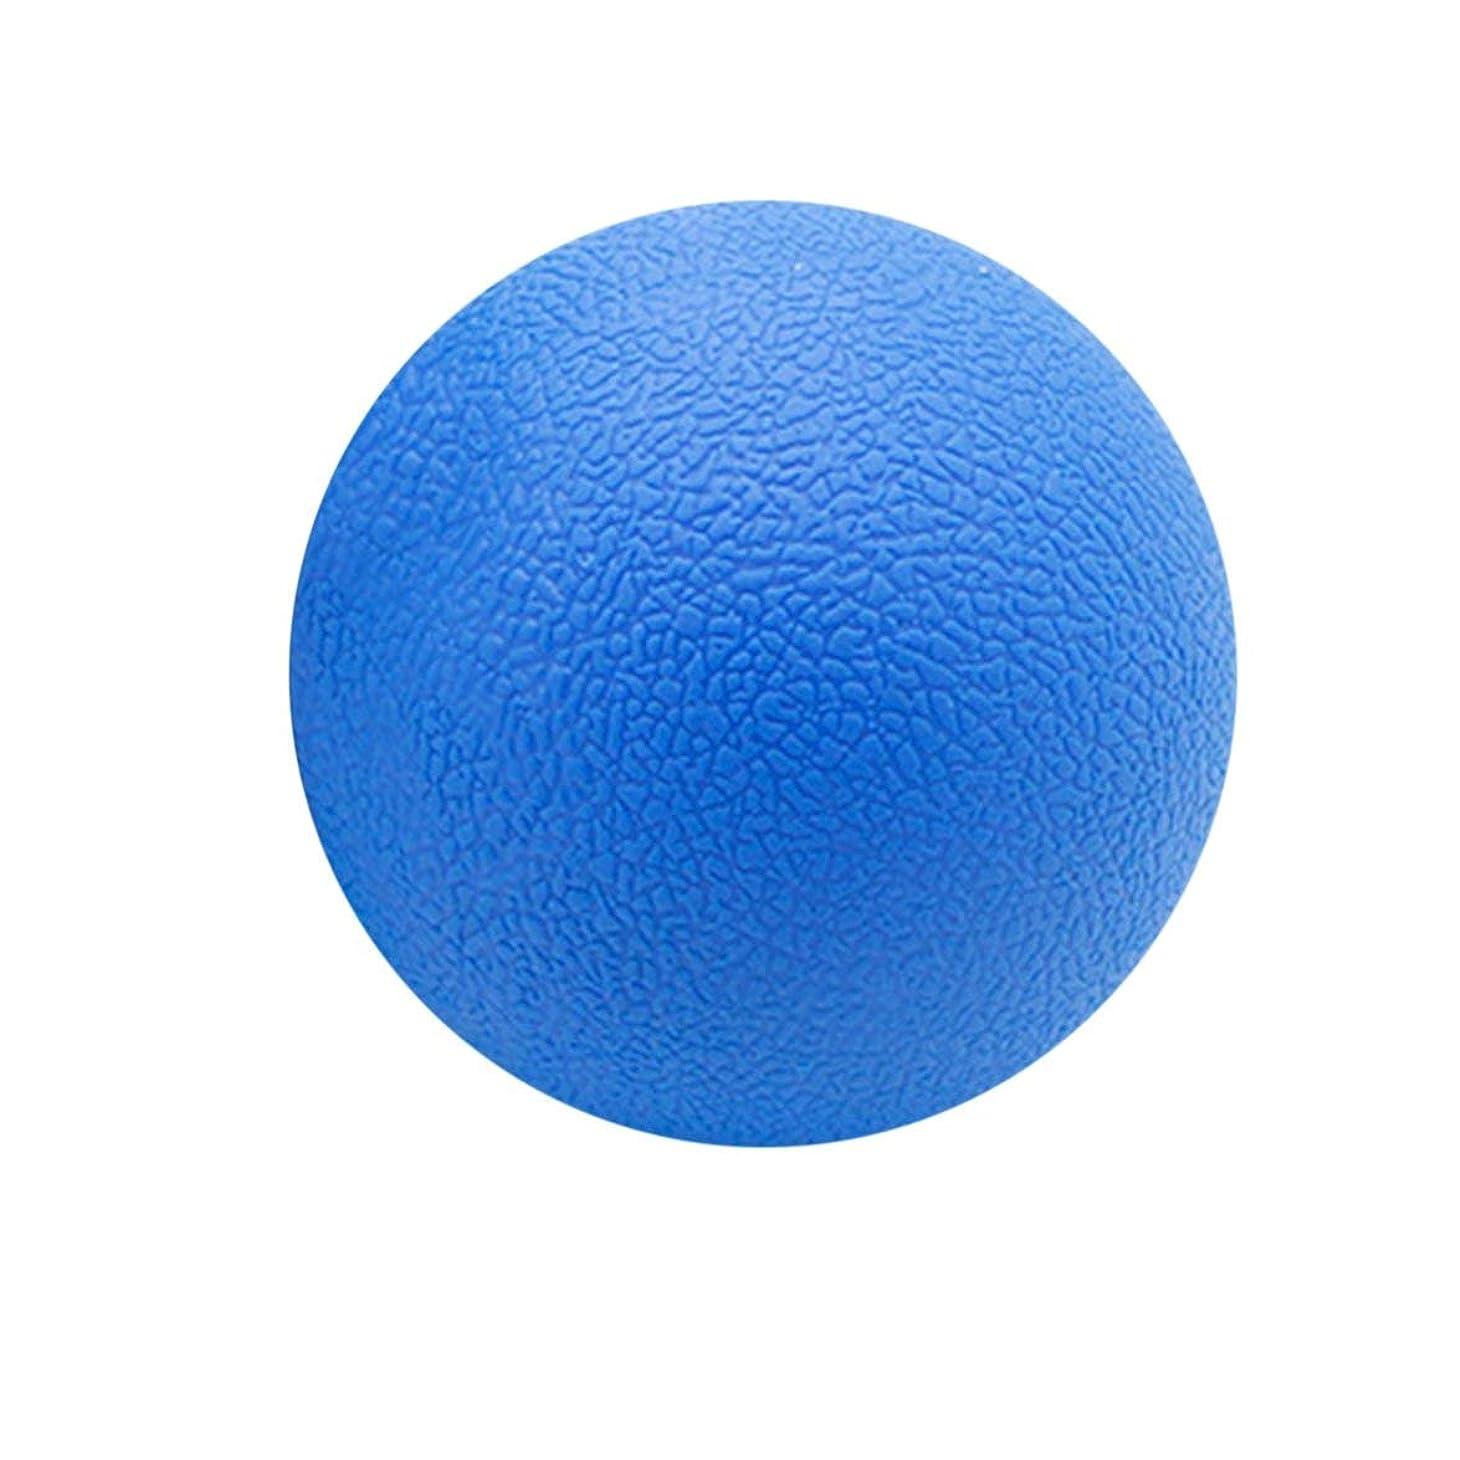 解任驚実質的にフィットネスリリーフジムシングルボールマッサージボールトレーニングフェイシアホッケーボール6.3cmマッサージフィットネスボールリラックスマッスルボール-青